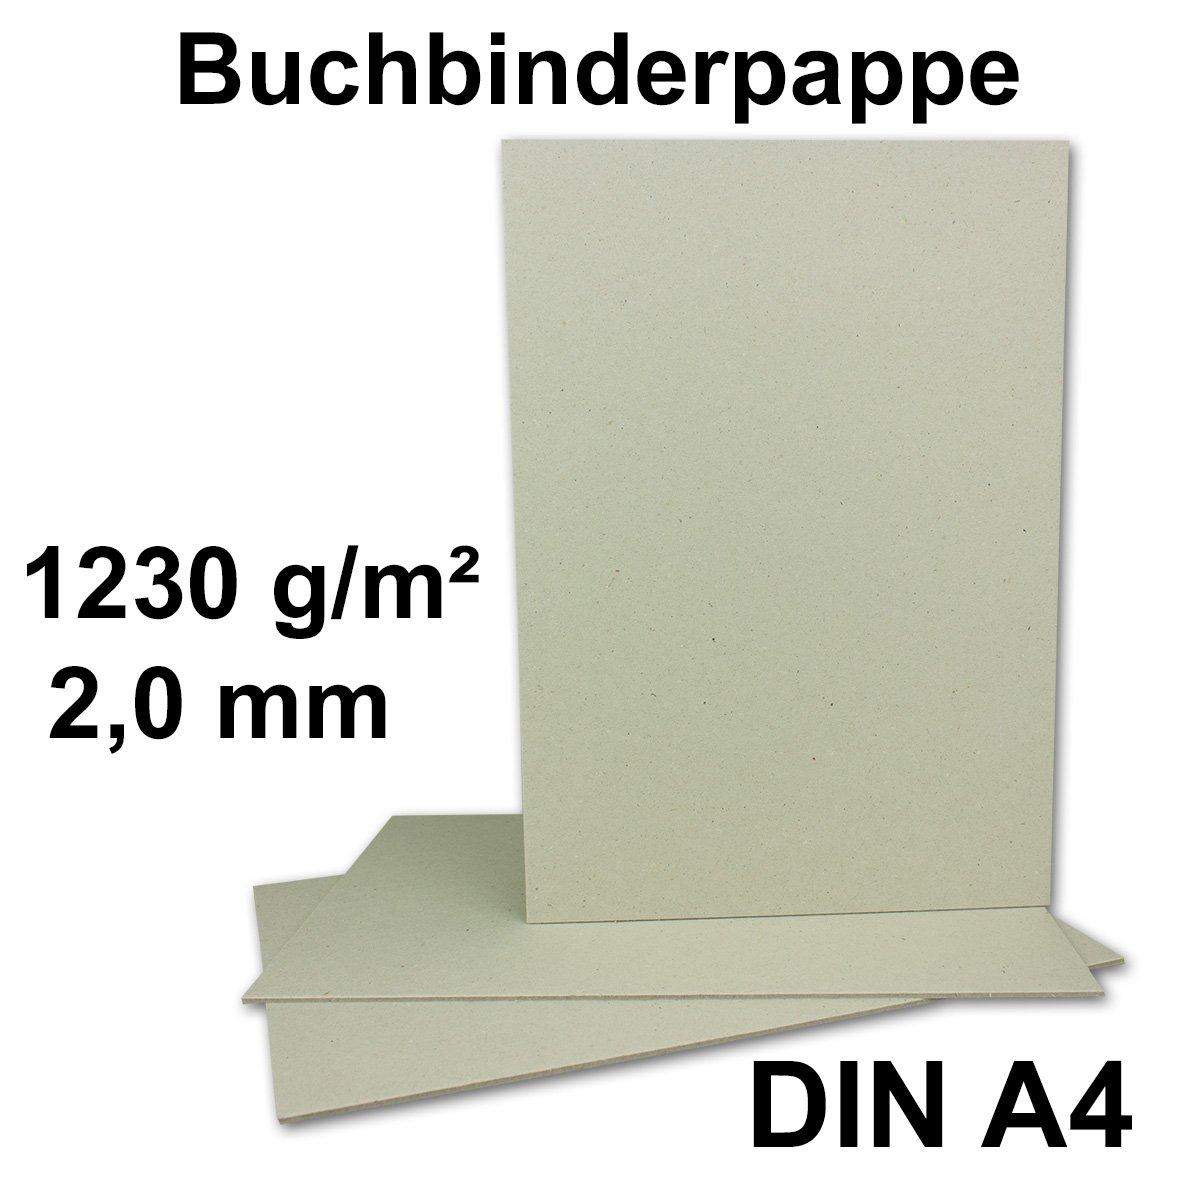 Libro Binder cart/ón DIN A4, grosor de 2/mm, gramaje: 1230/g//m/², formato: 29,7/x 21/cm color gris y marr/ón